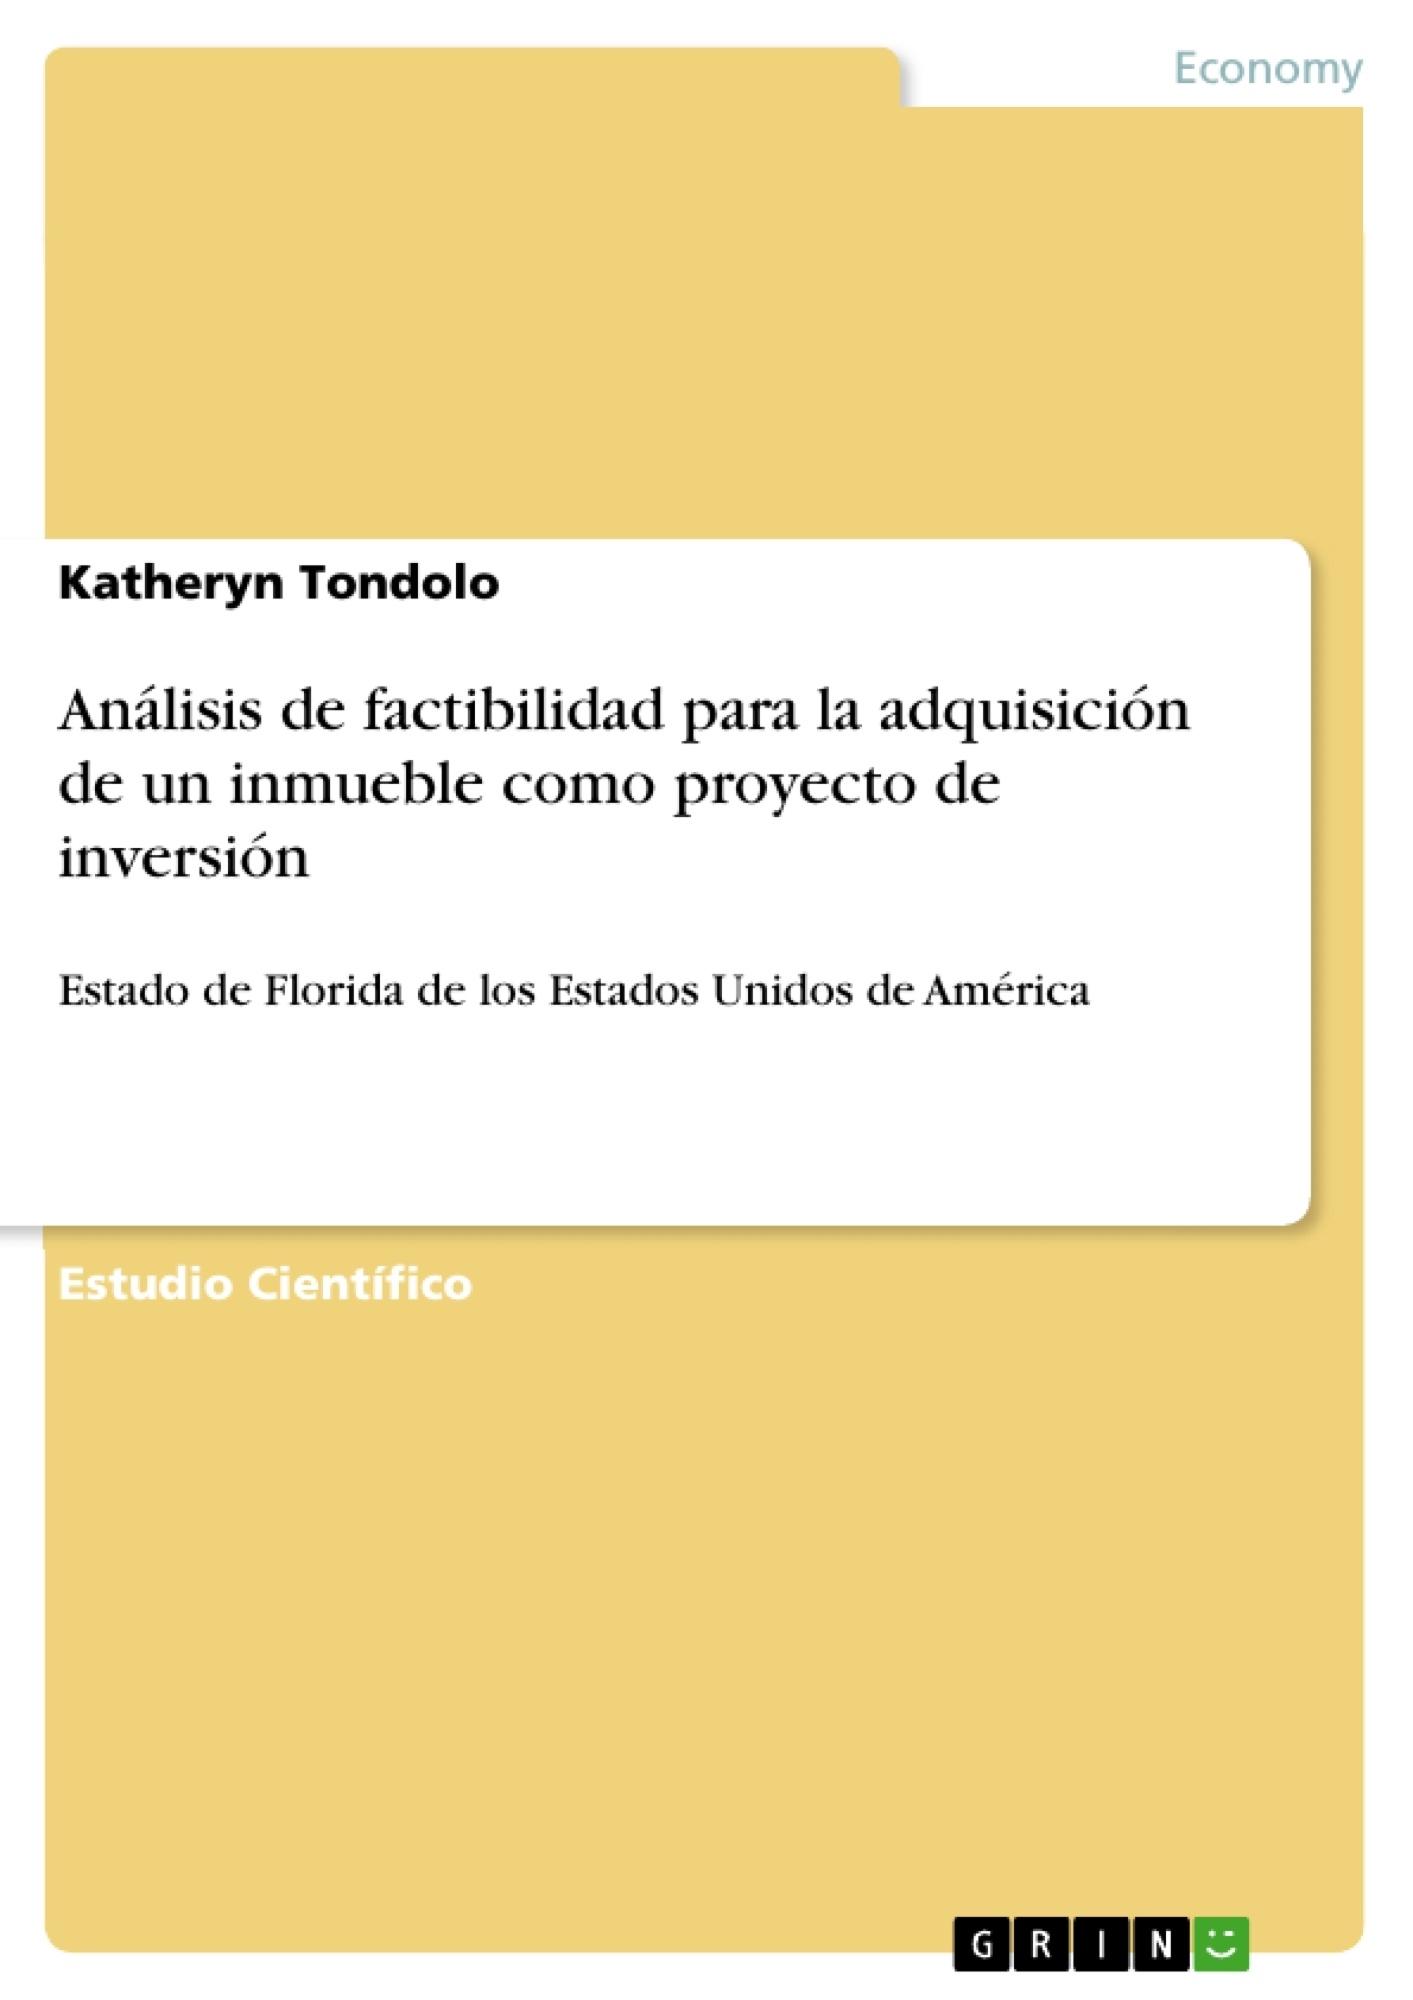 Título: Análisis de factibilidad para la adquisición de un inmueble como proyecto de inversión